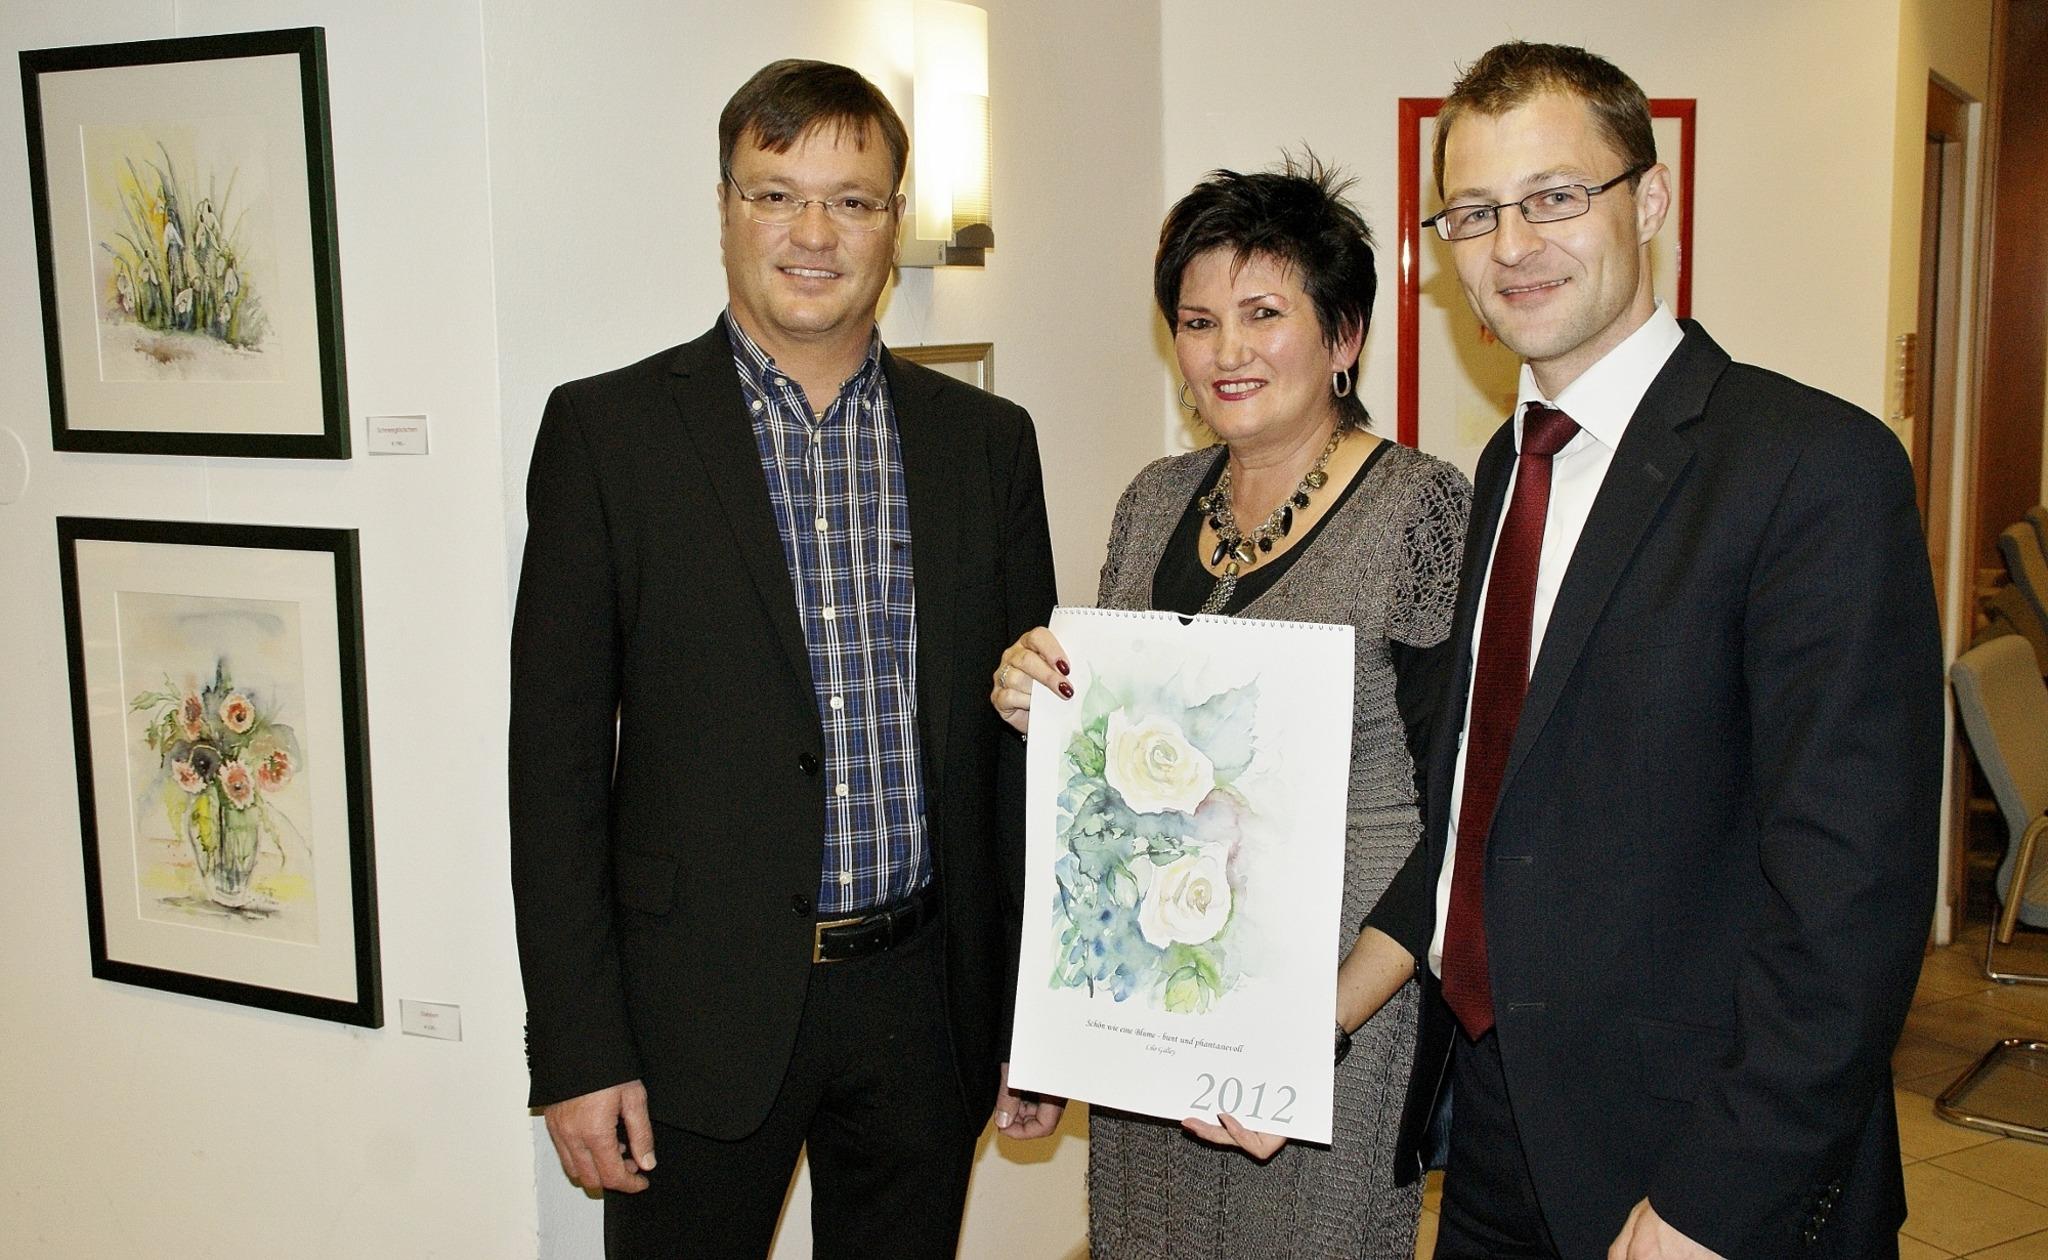 Bilder einer Ausstellung von Monika Duregger - Kufstein